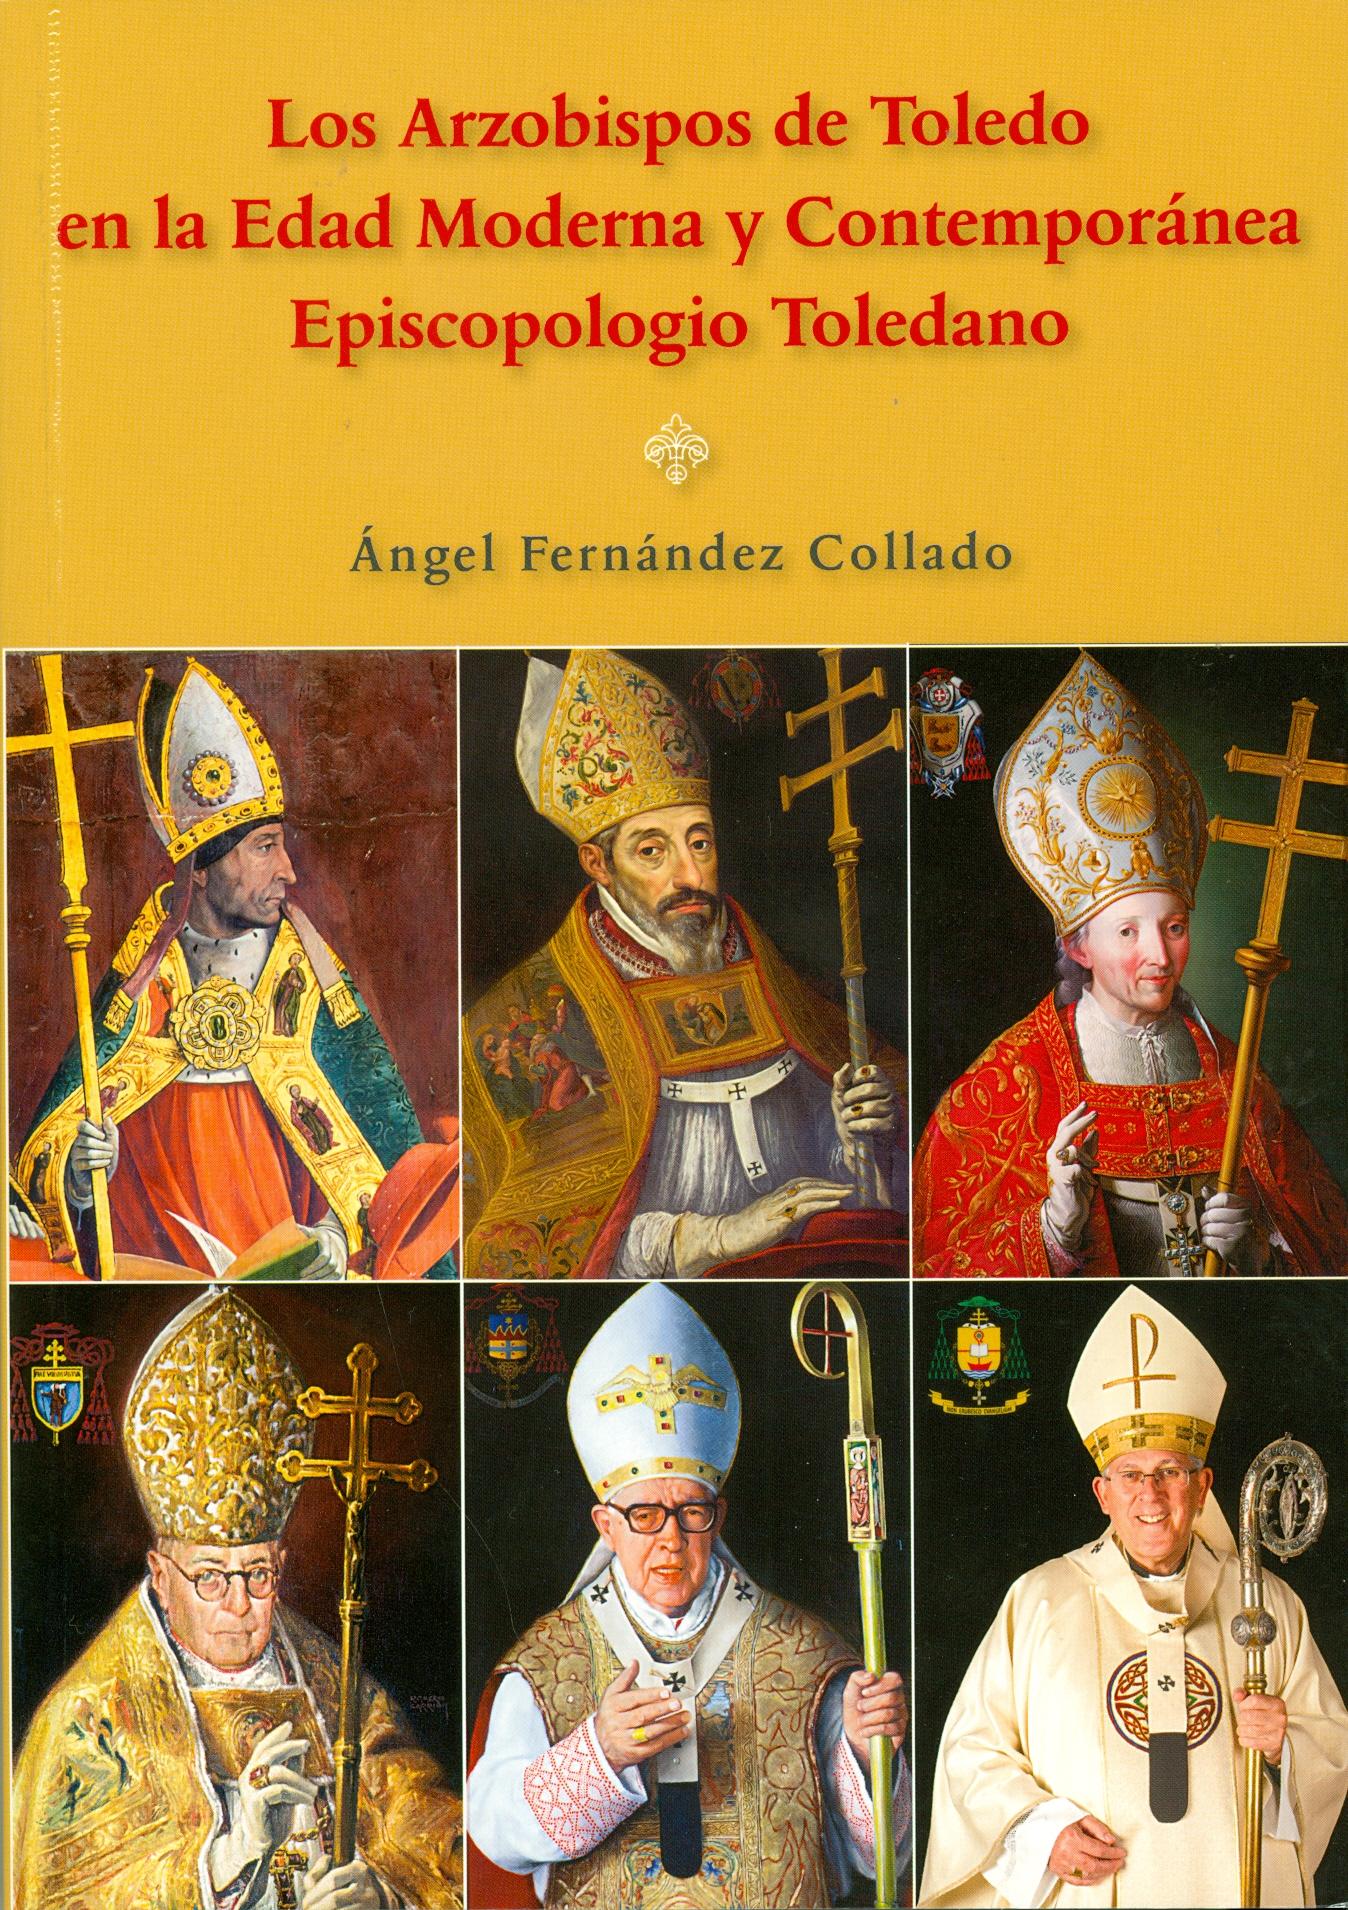 Los Arzobispos de Toledo en la Edad Moderna y Contemporánea : Episcopologio Toledano